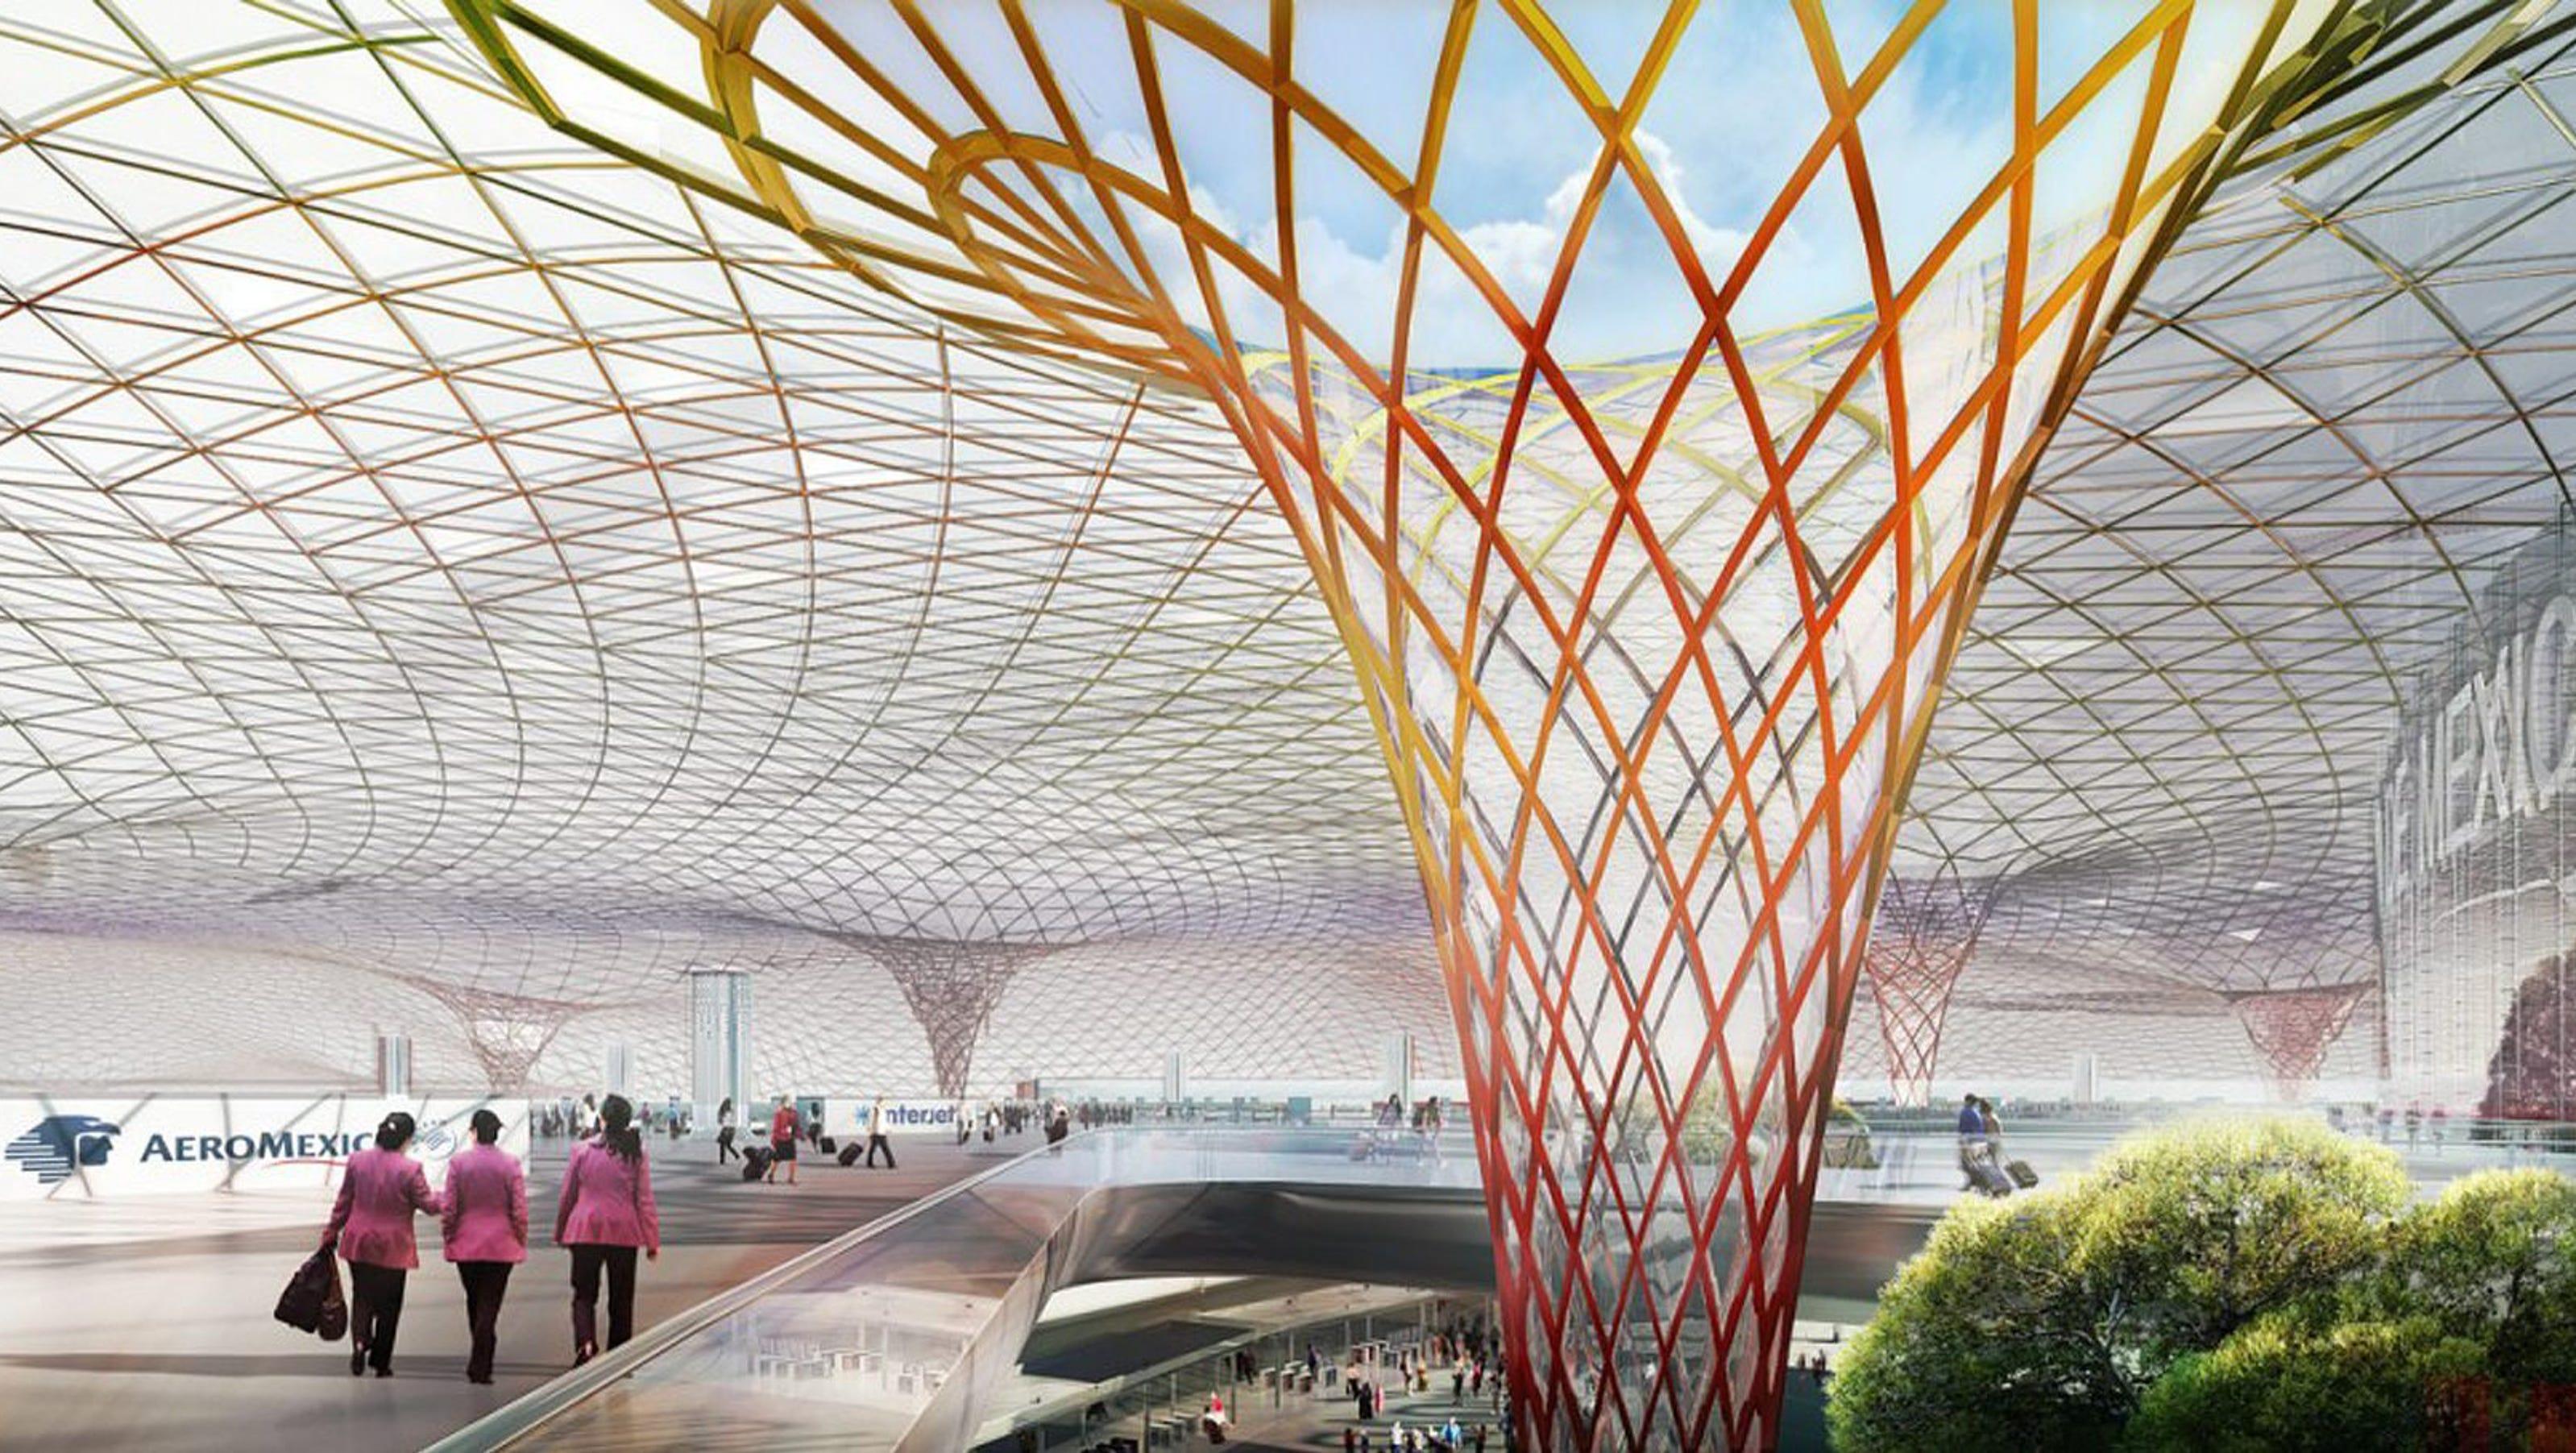 Norman foster romero to build mexico airport for Puerta 6 aeropuerto ciudad mexico